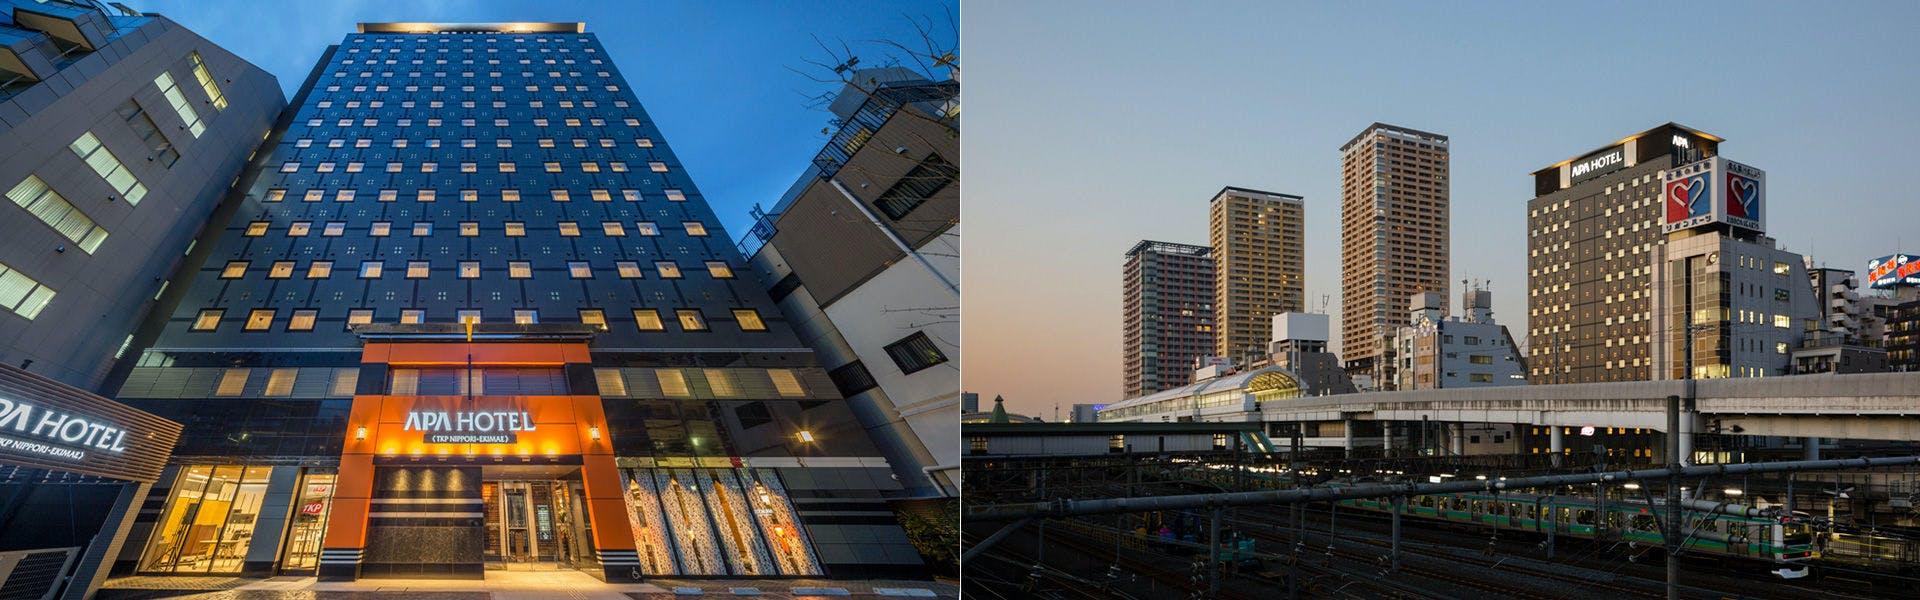 アパホテル 東京 安い